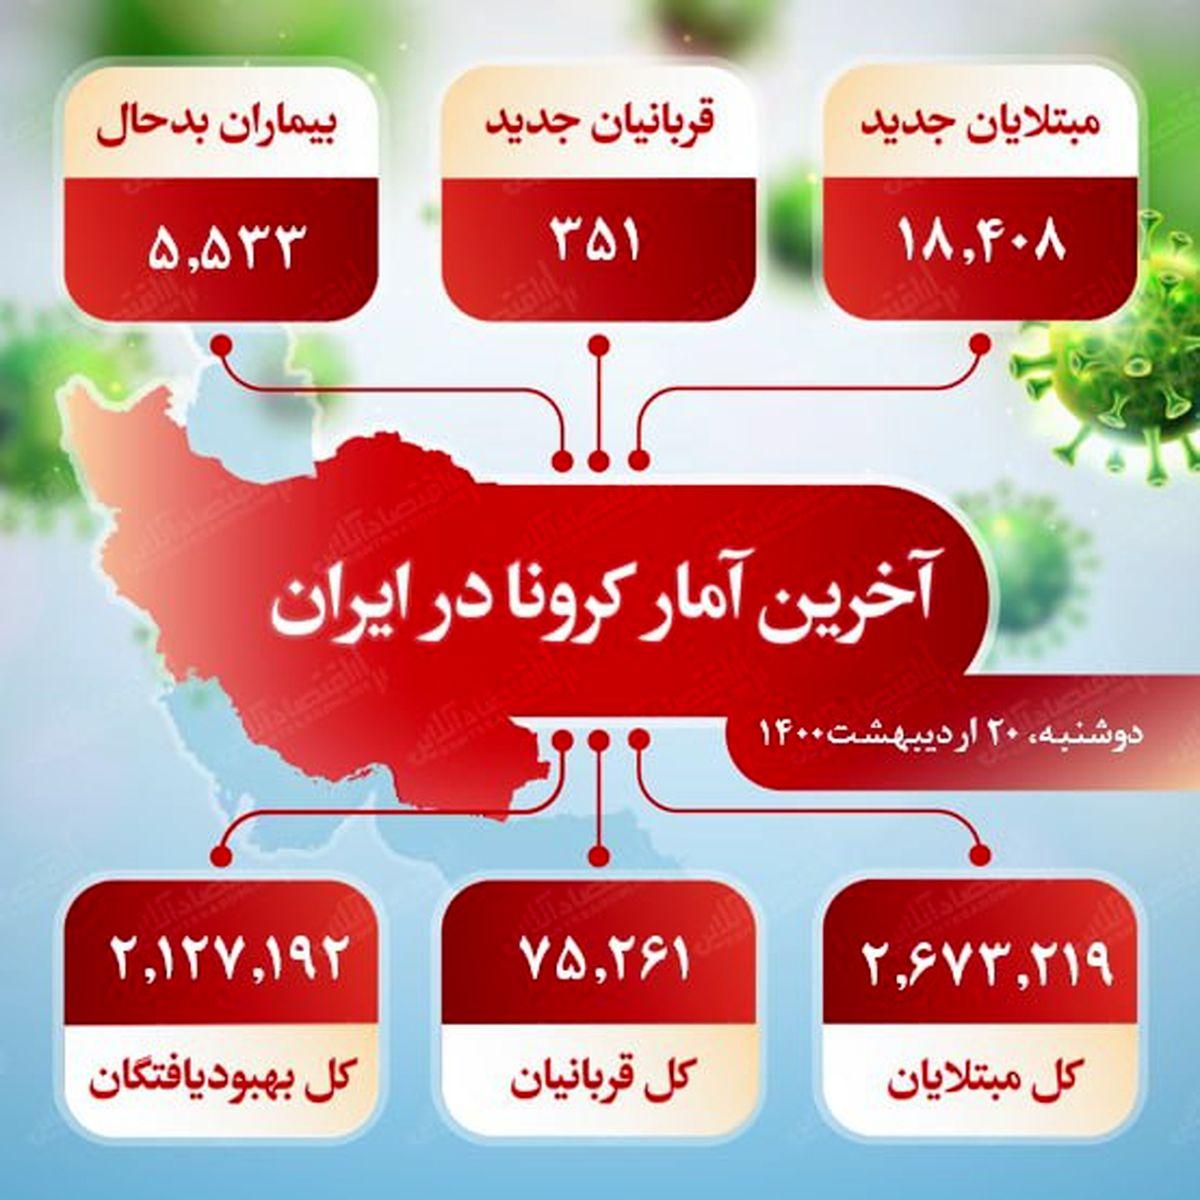 آخرین آمار کرونا در ایران (۱۴۰۰/۲/۲۰)